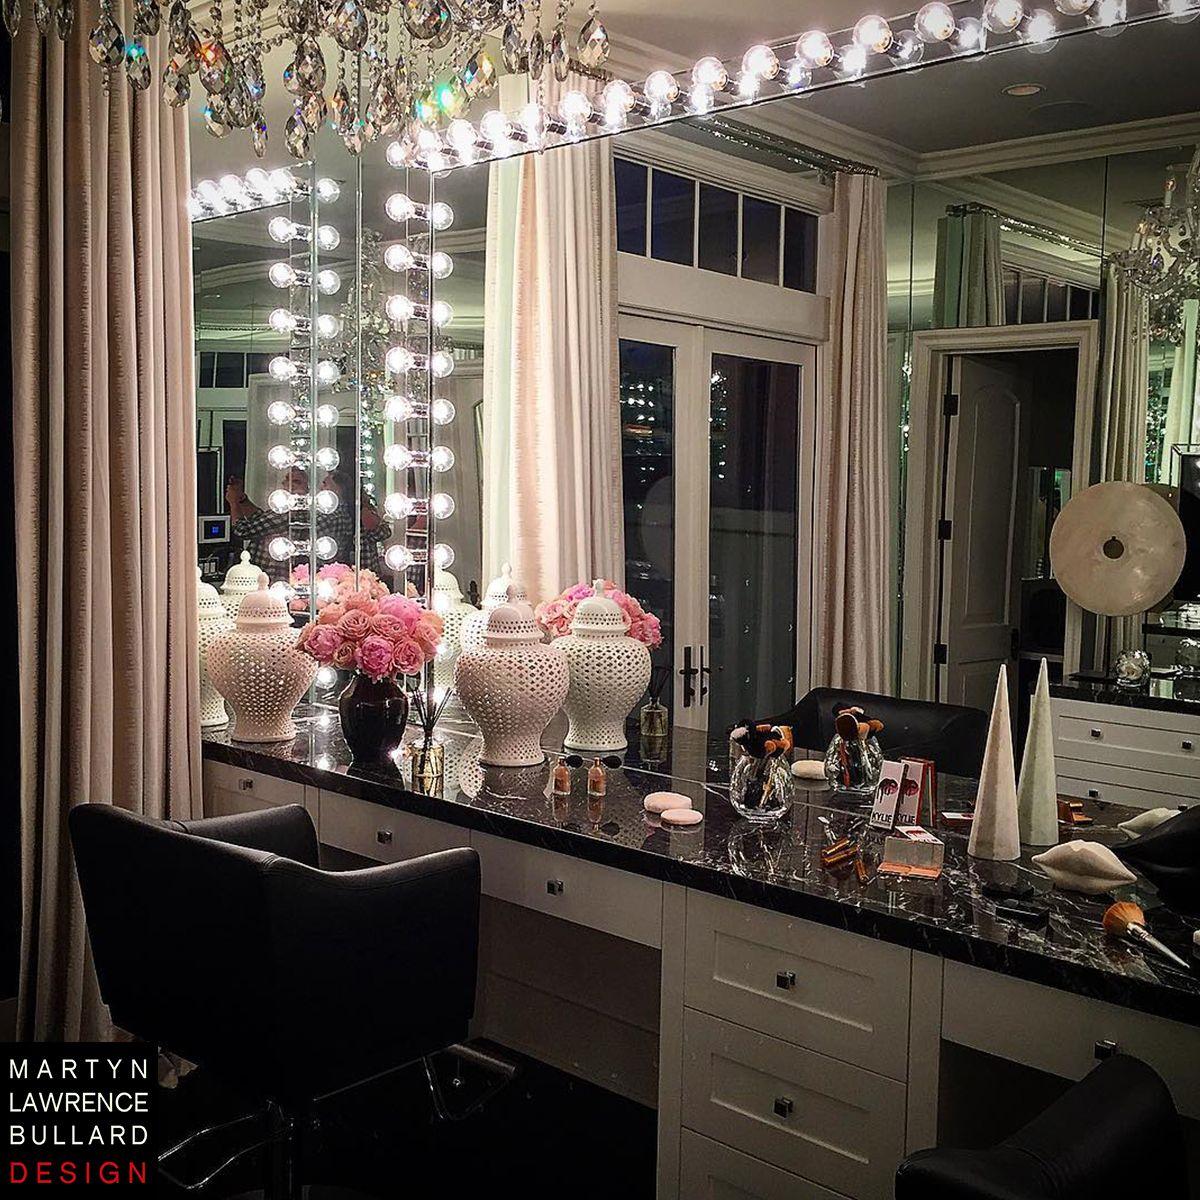 Khloe Kardashian's Moroccan Modern   Martyn Lawrence Bullard Design